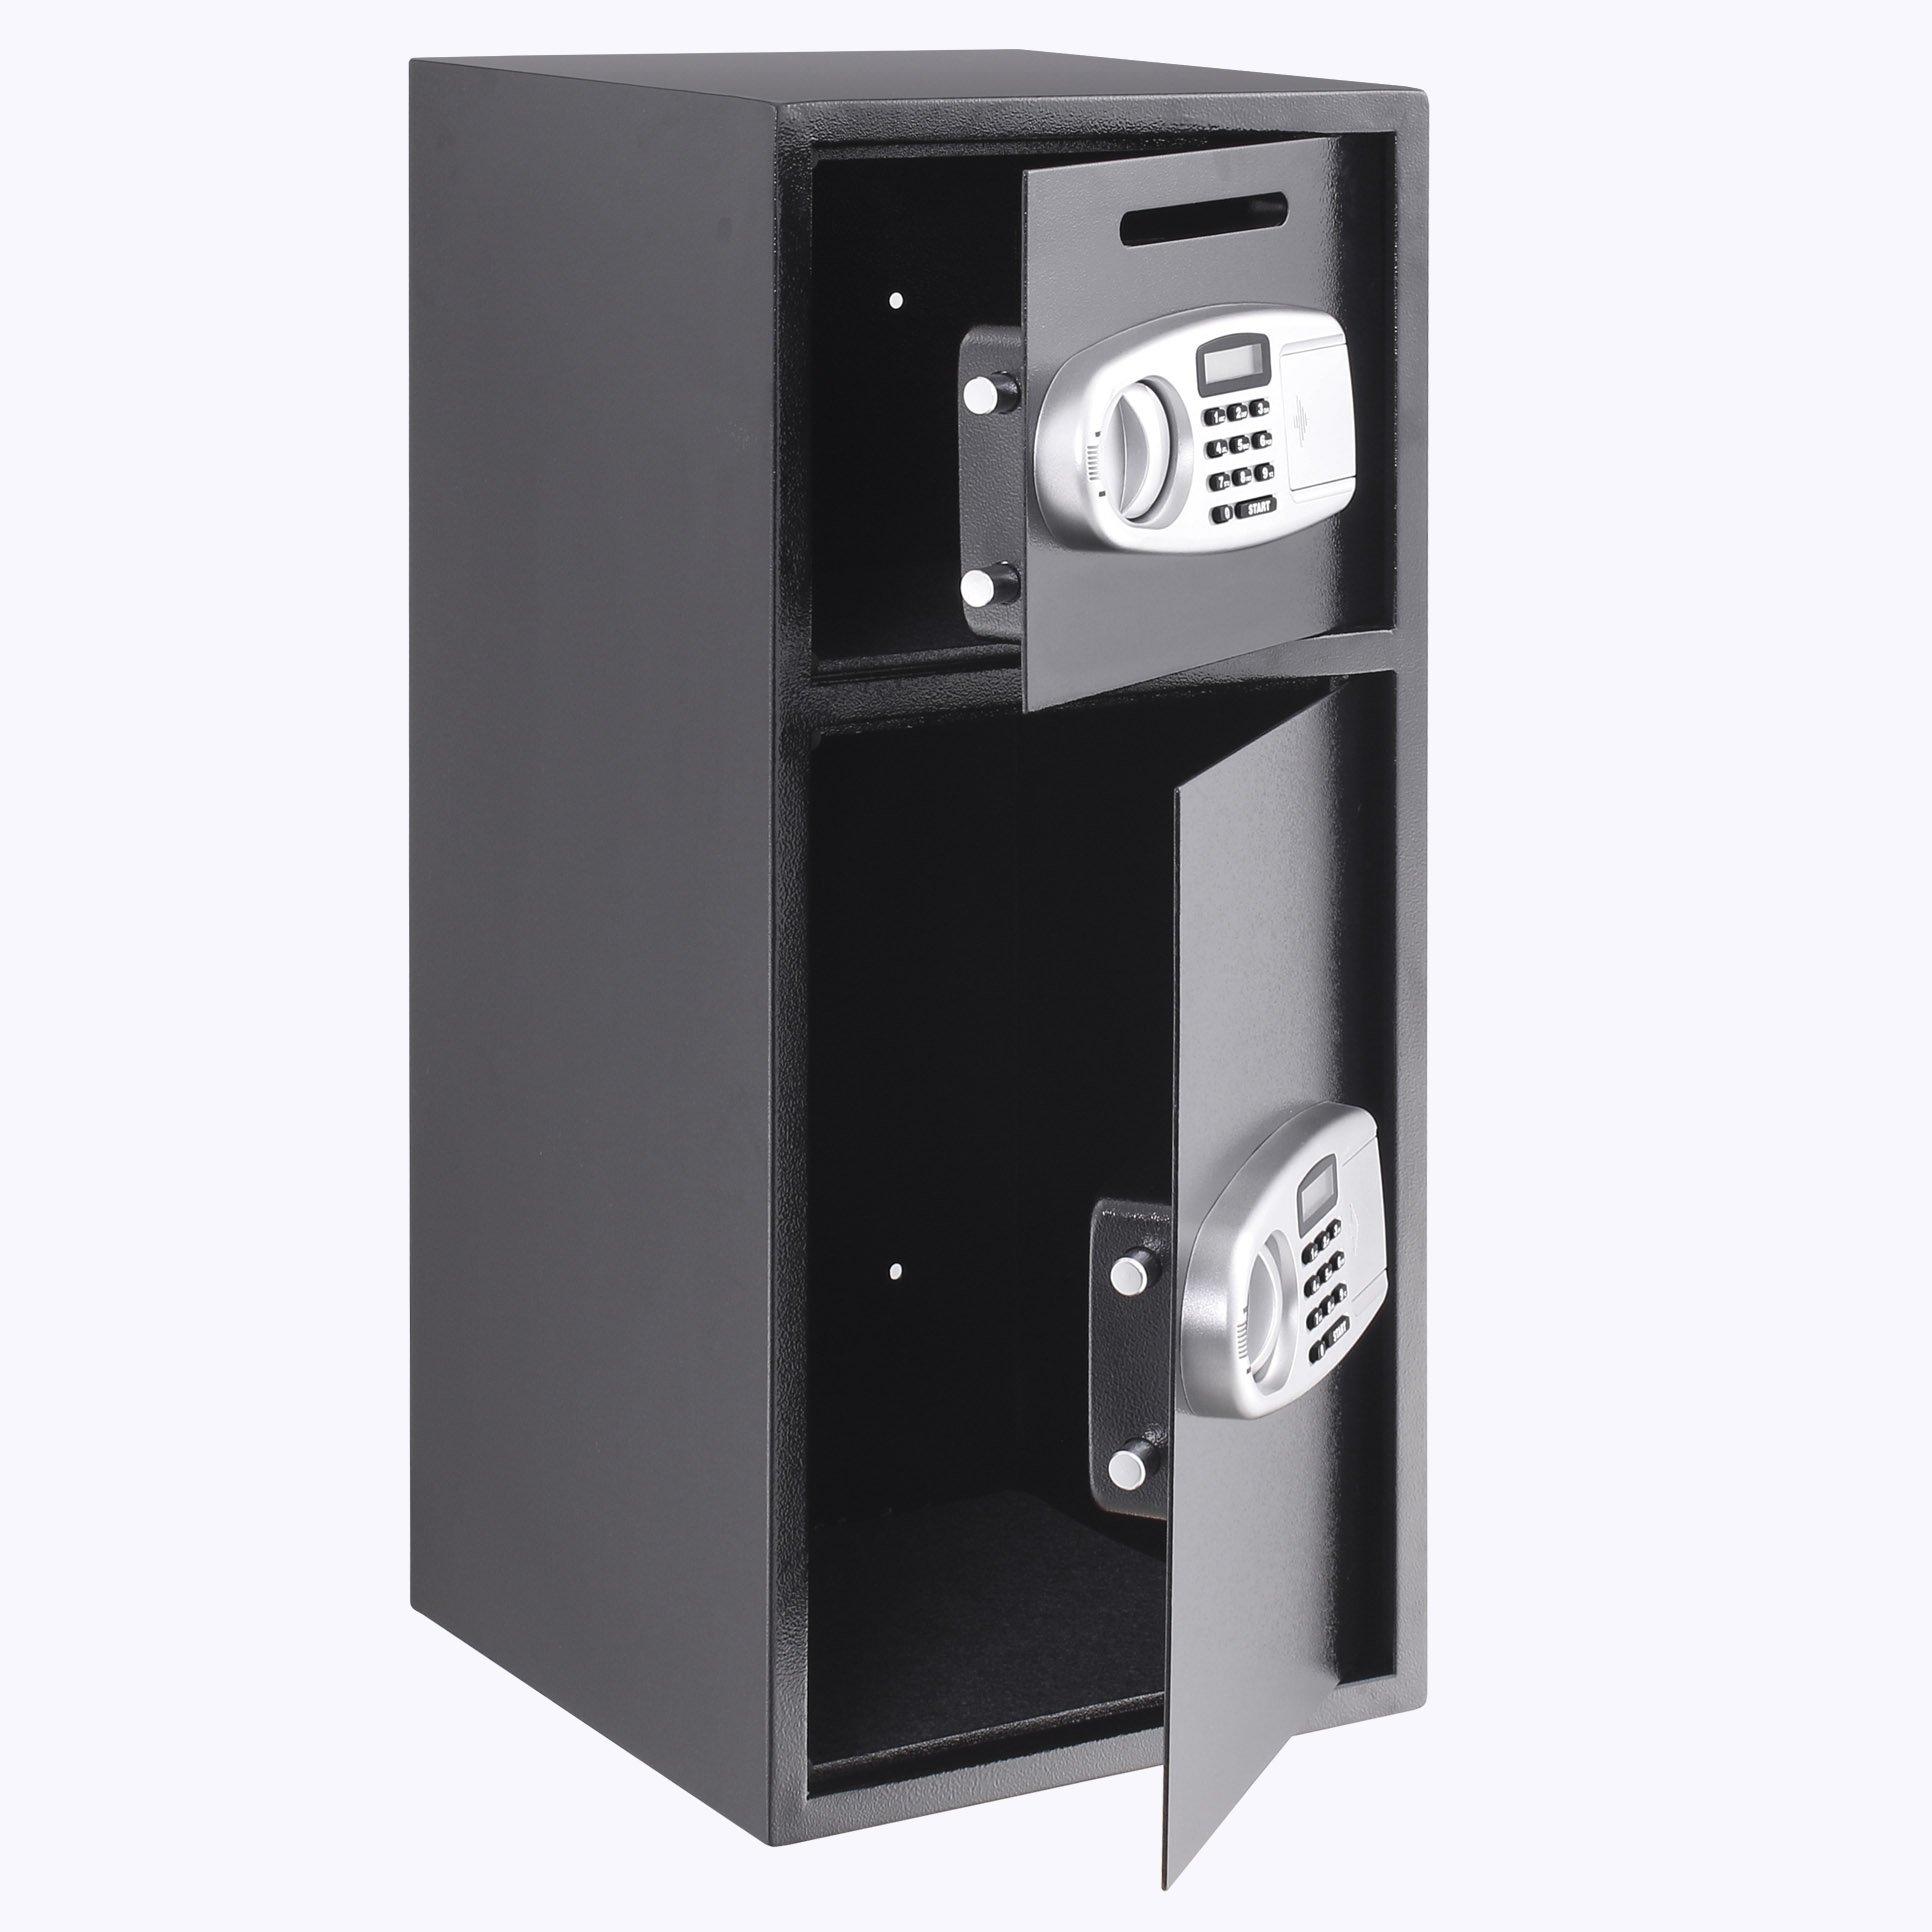 Superland Large Double Door Security Safe Box Depository Safe Steel Safe Box Digital Safe Depository for Money Gun Jewelry (Large Digital Safe Box) by Superland (Image #2)